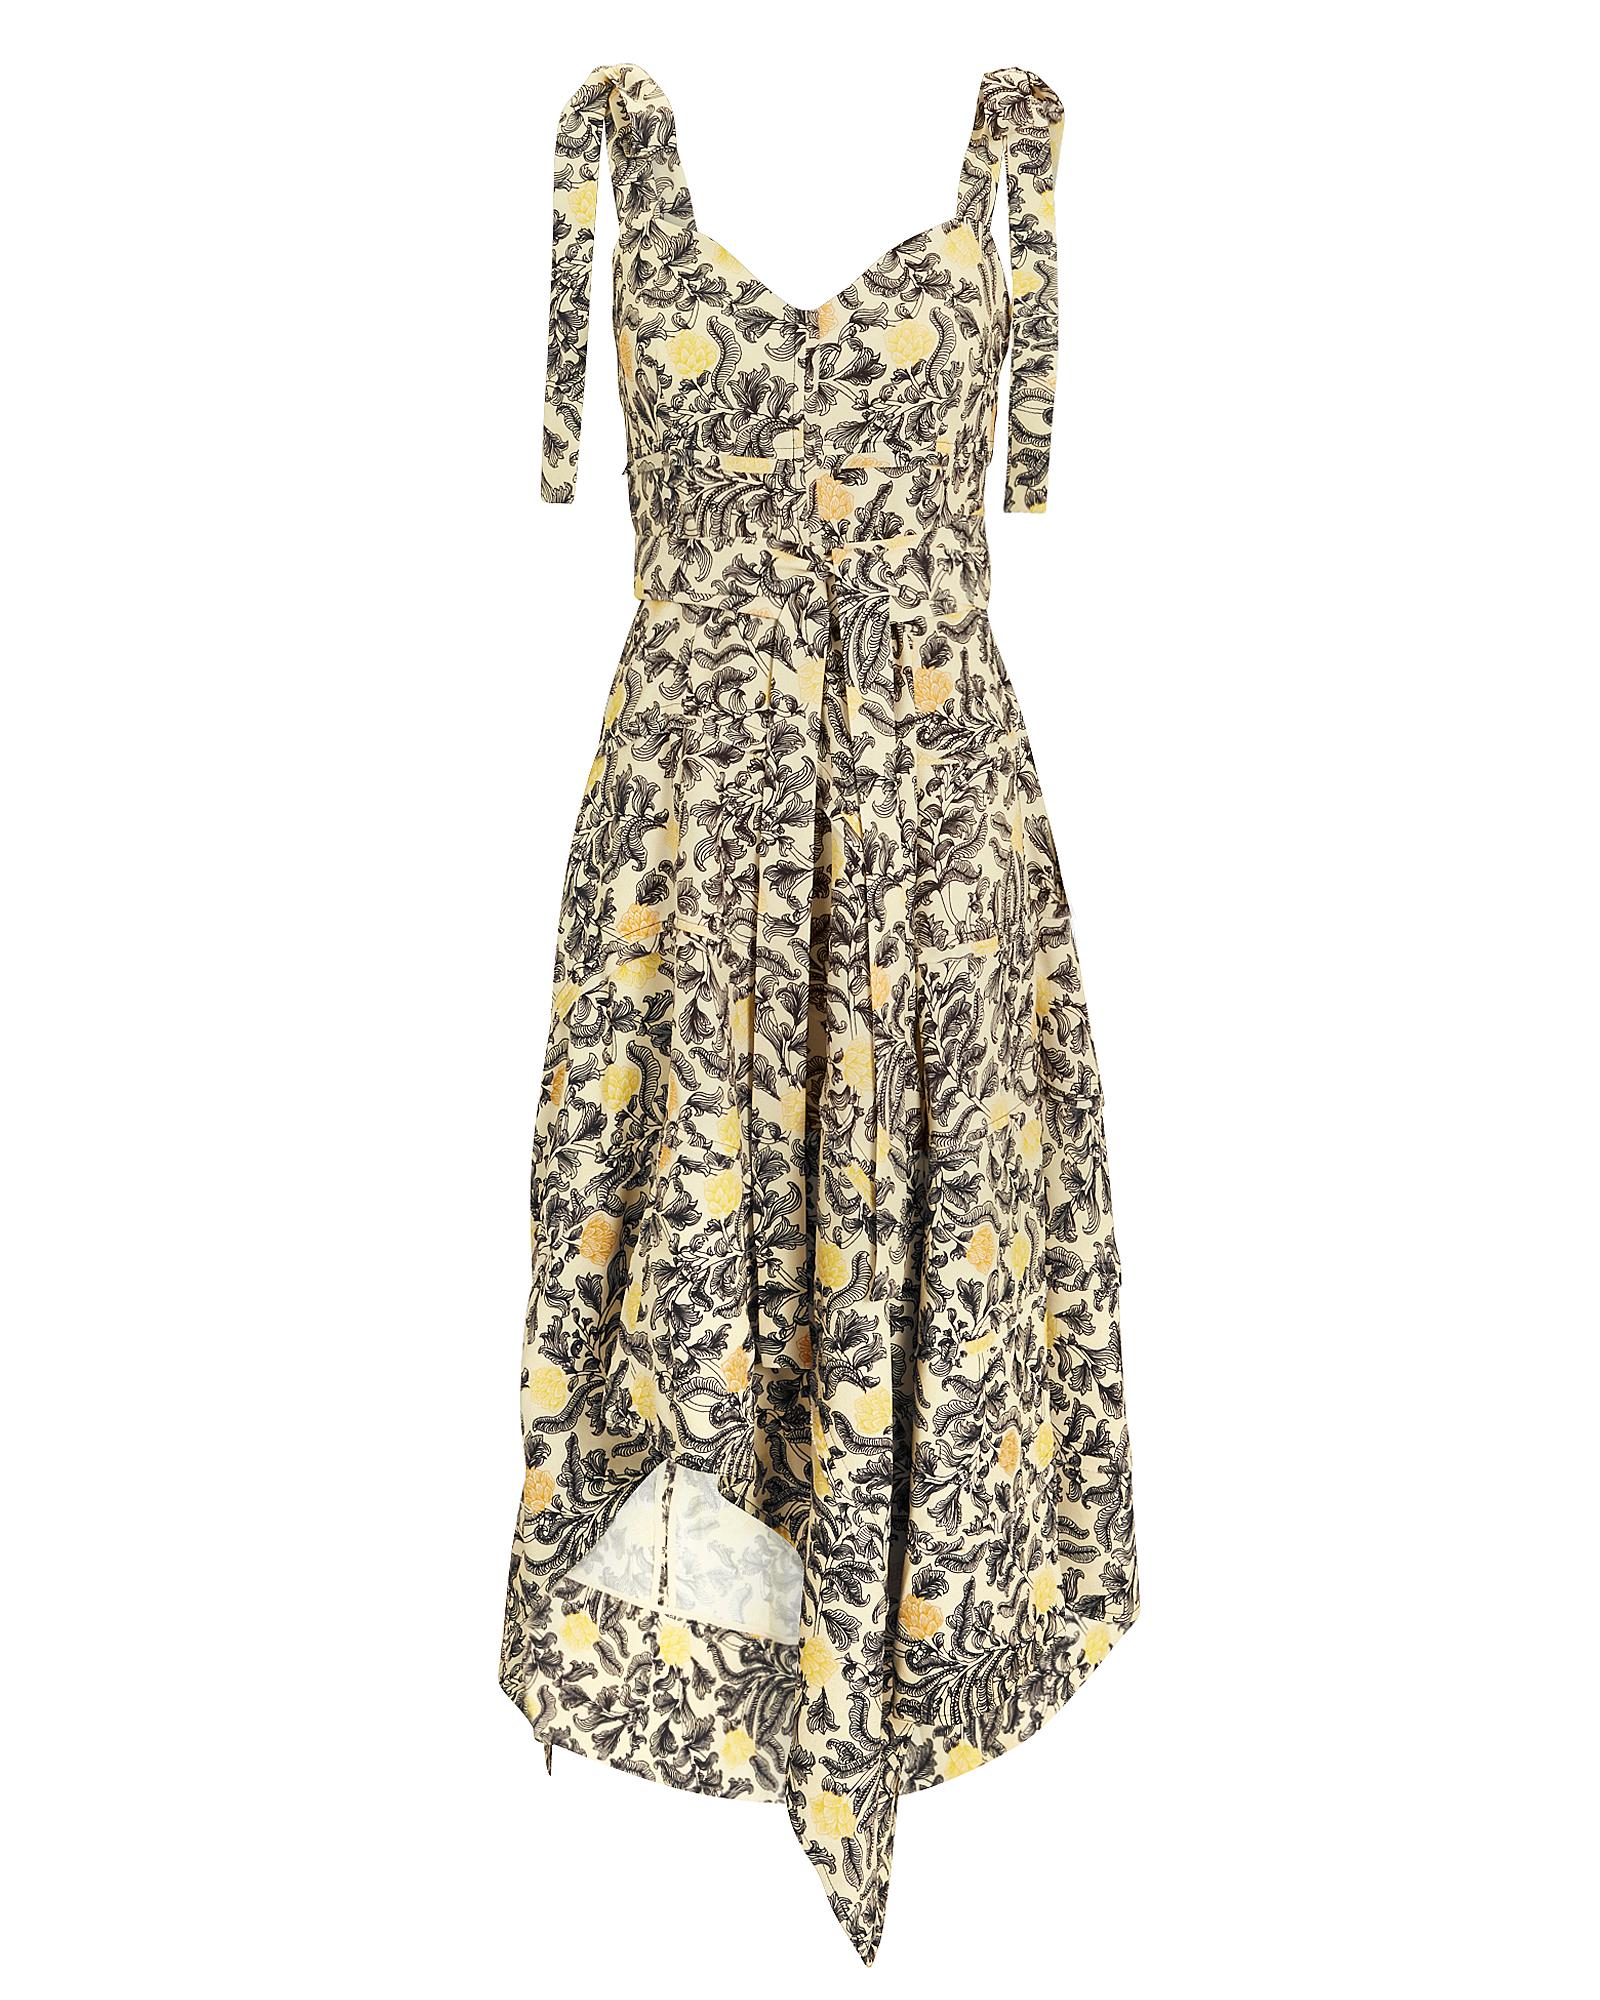 Sweetheart-Neck Tie-Straps Paisley Floral-Print Midi Dress, White/Black